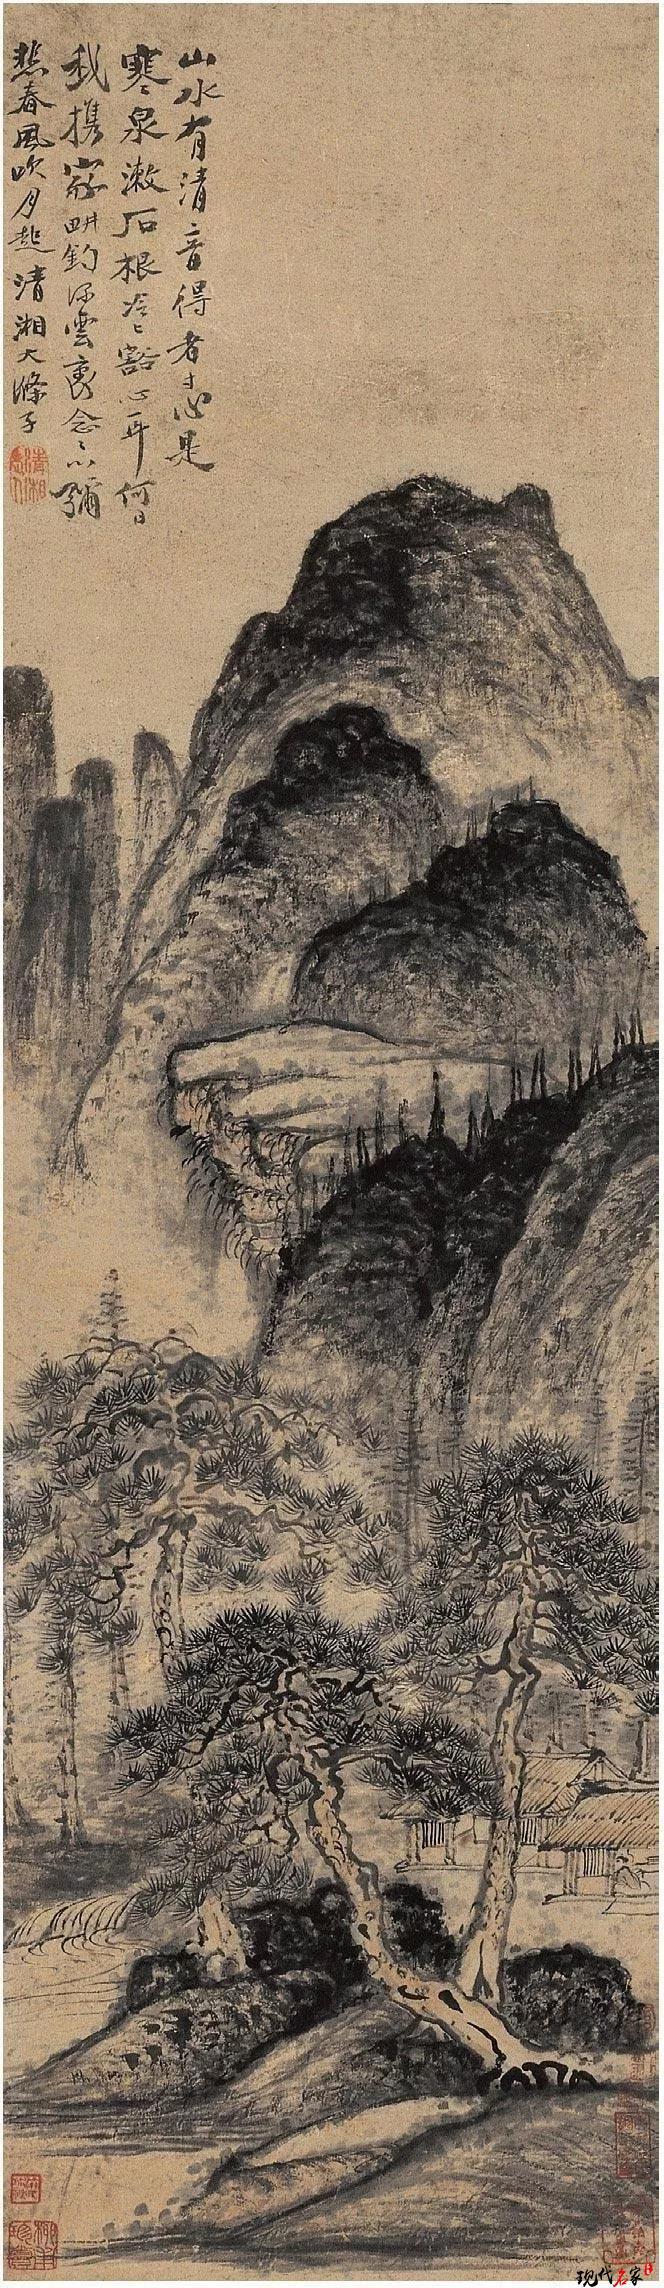 苦瓜和尚山水画,三大艺术贡献-第2张